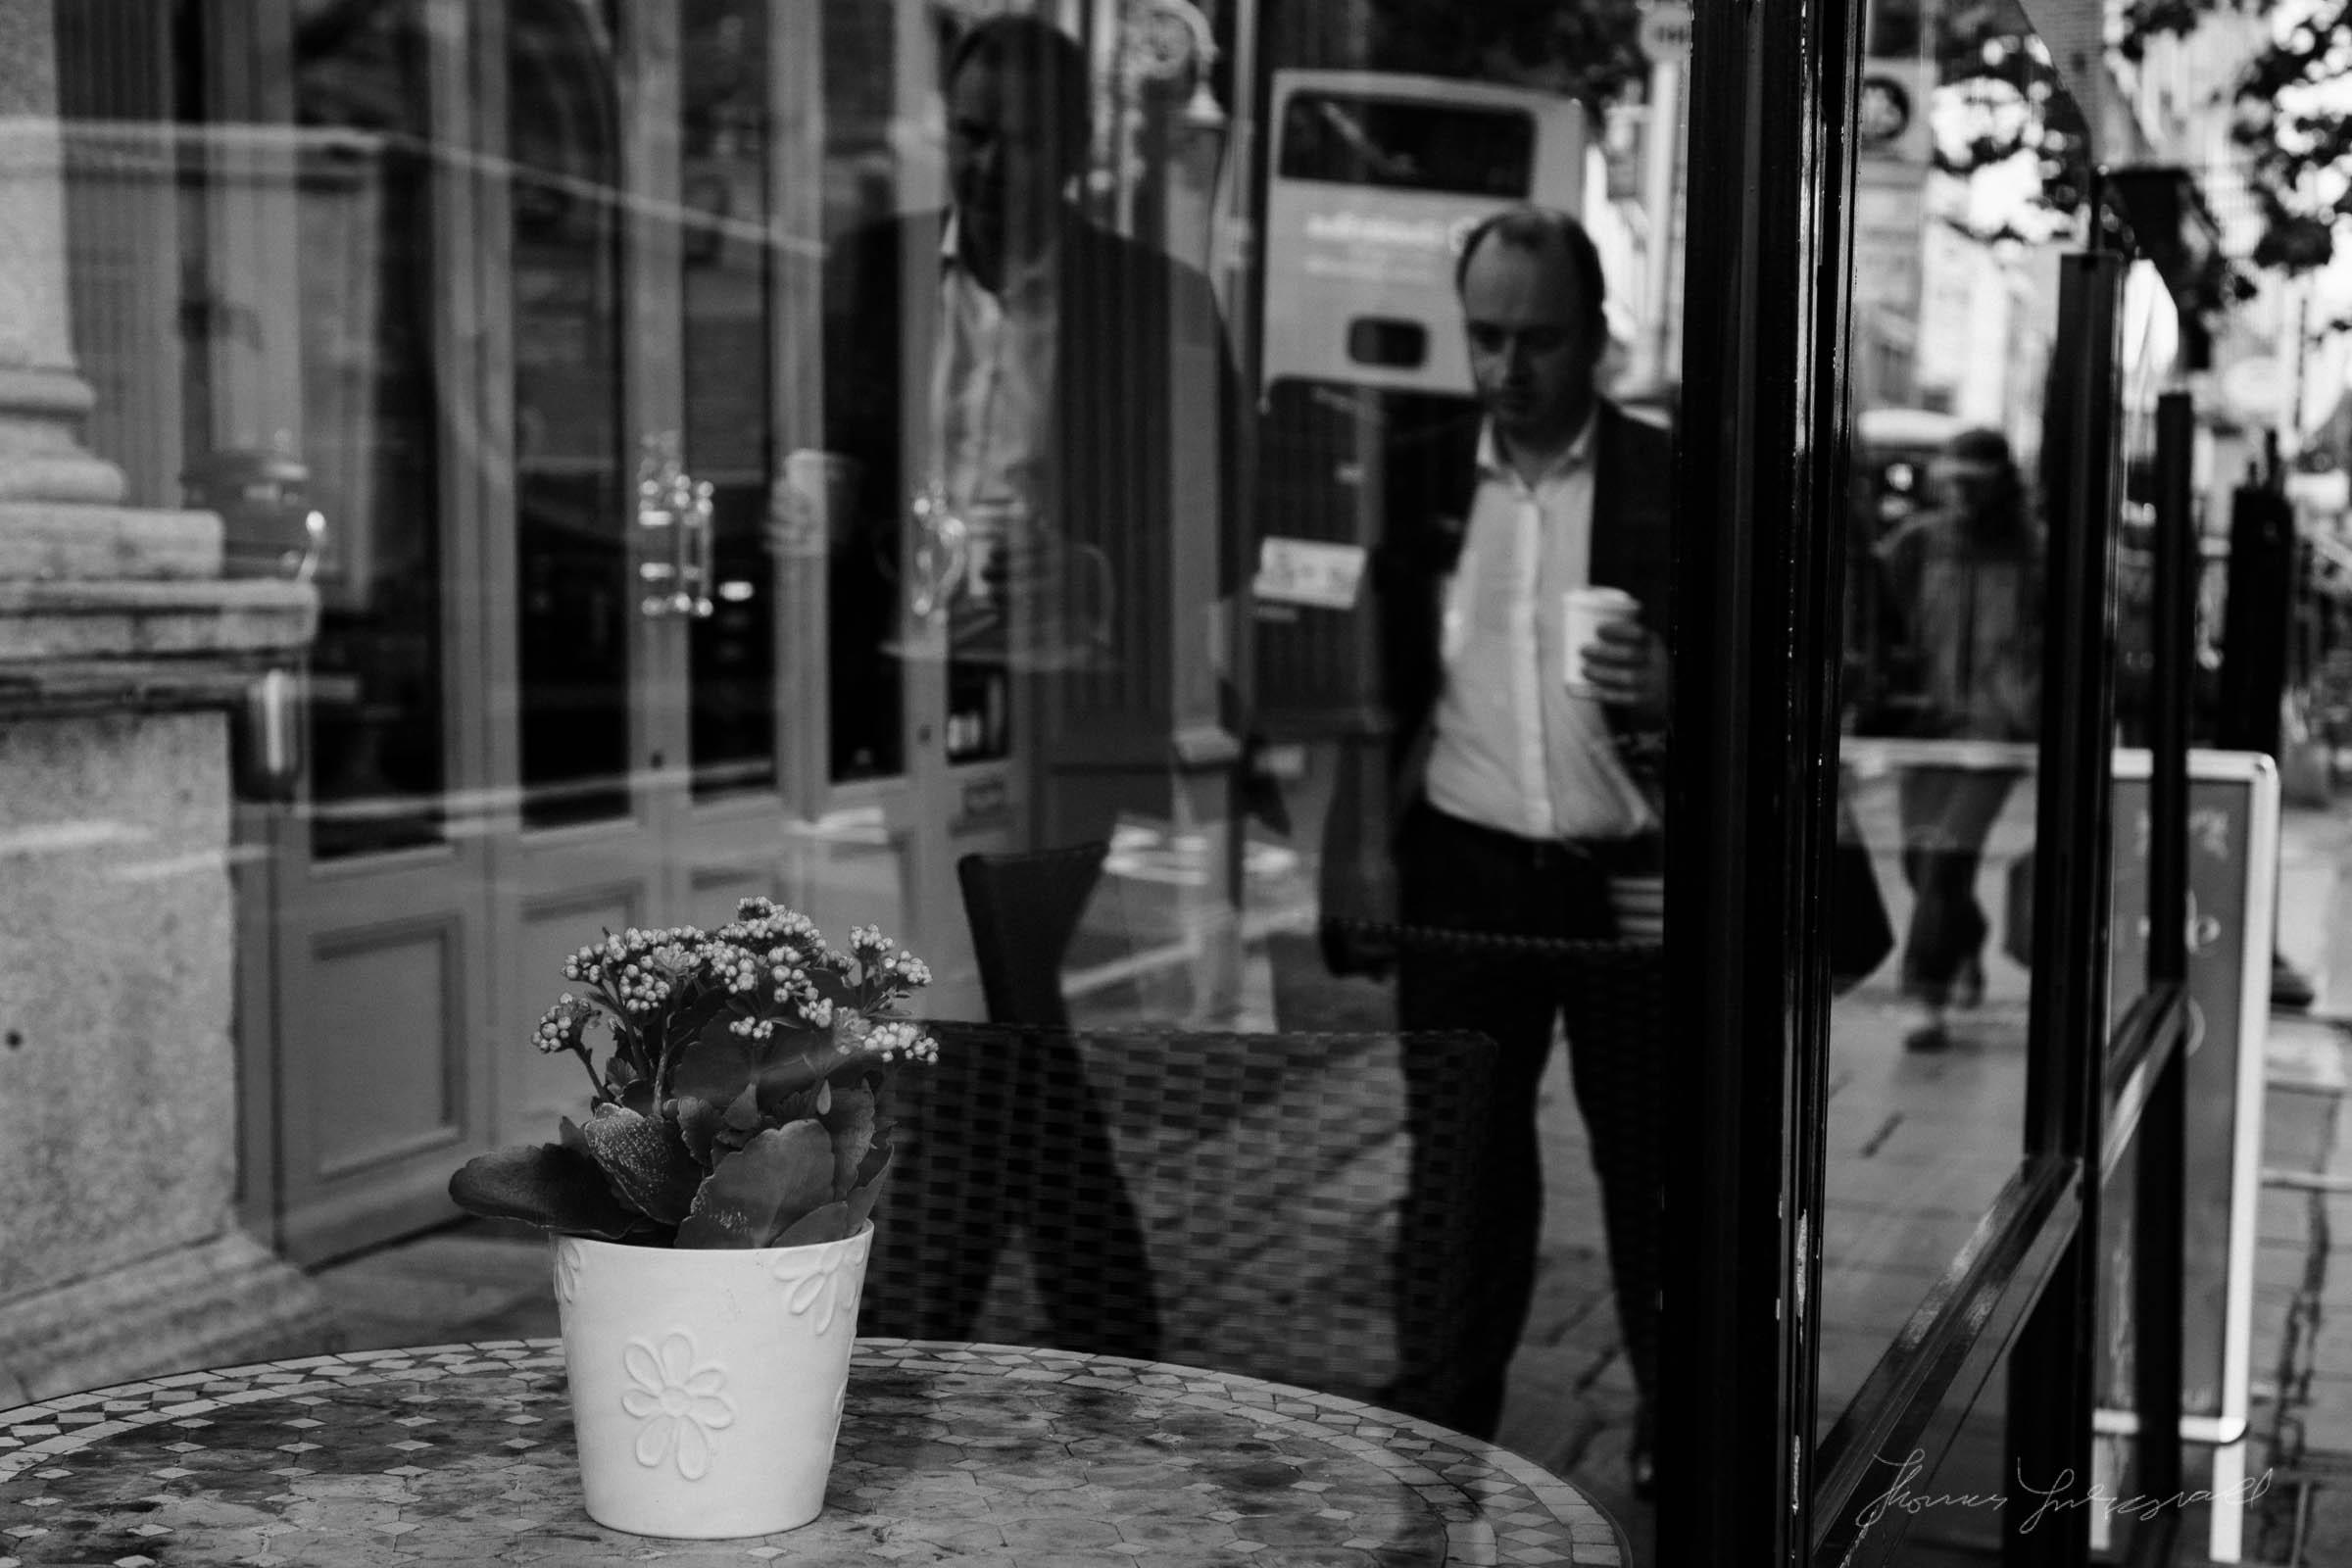 Street-Photo-Diary-No-6-BW-Dublin-13.jpg